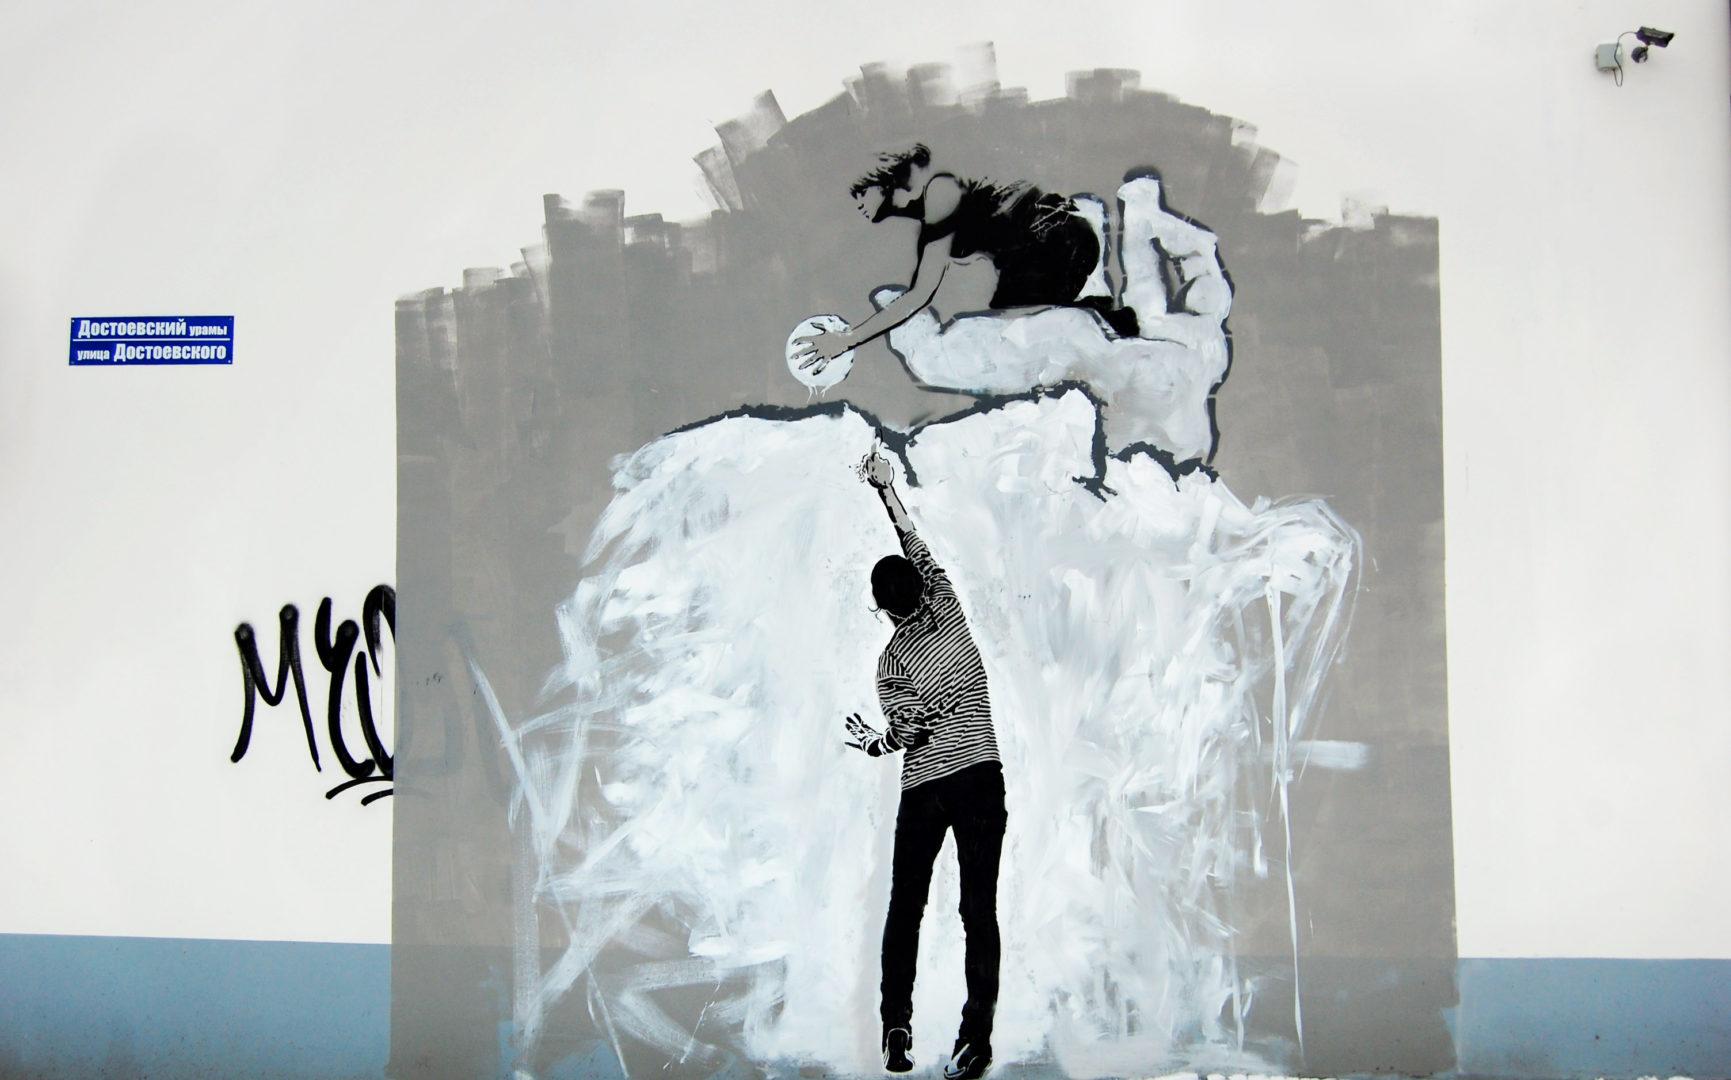 «Рисующий», Артур Нурадинов, первый стрит-арт автора